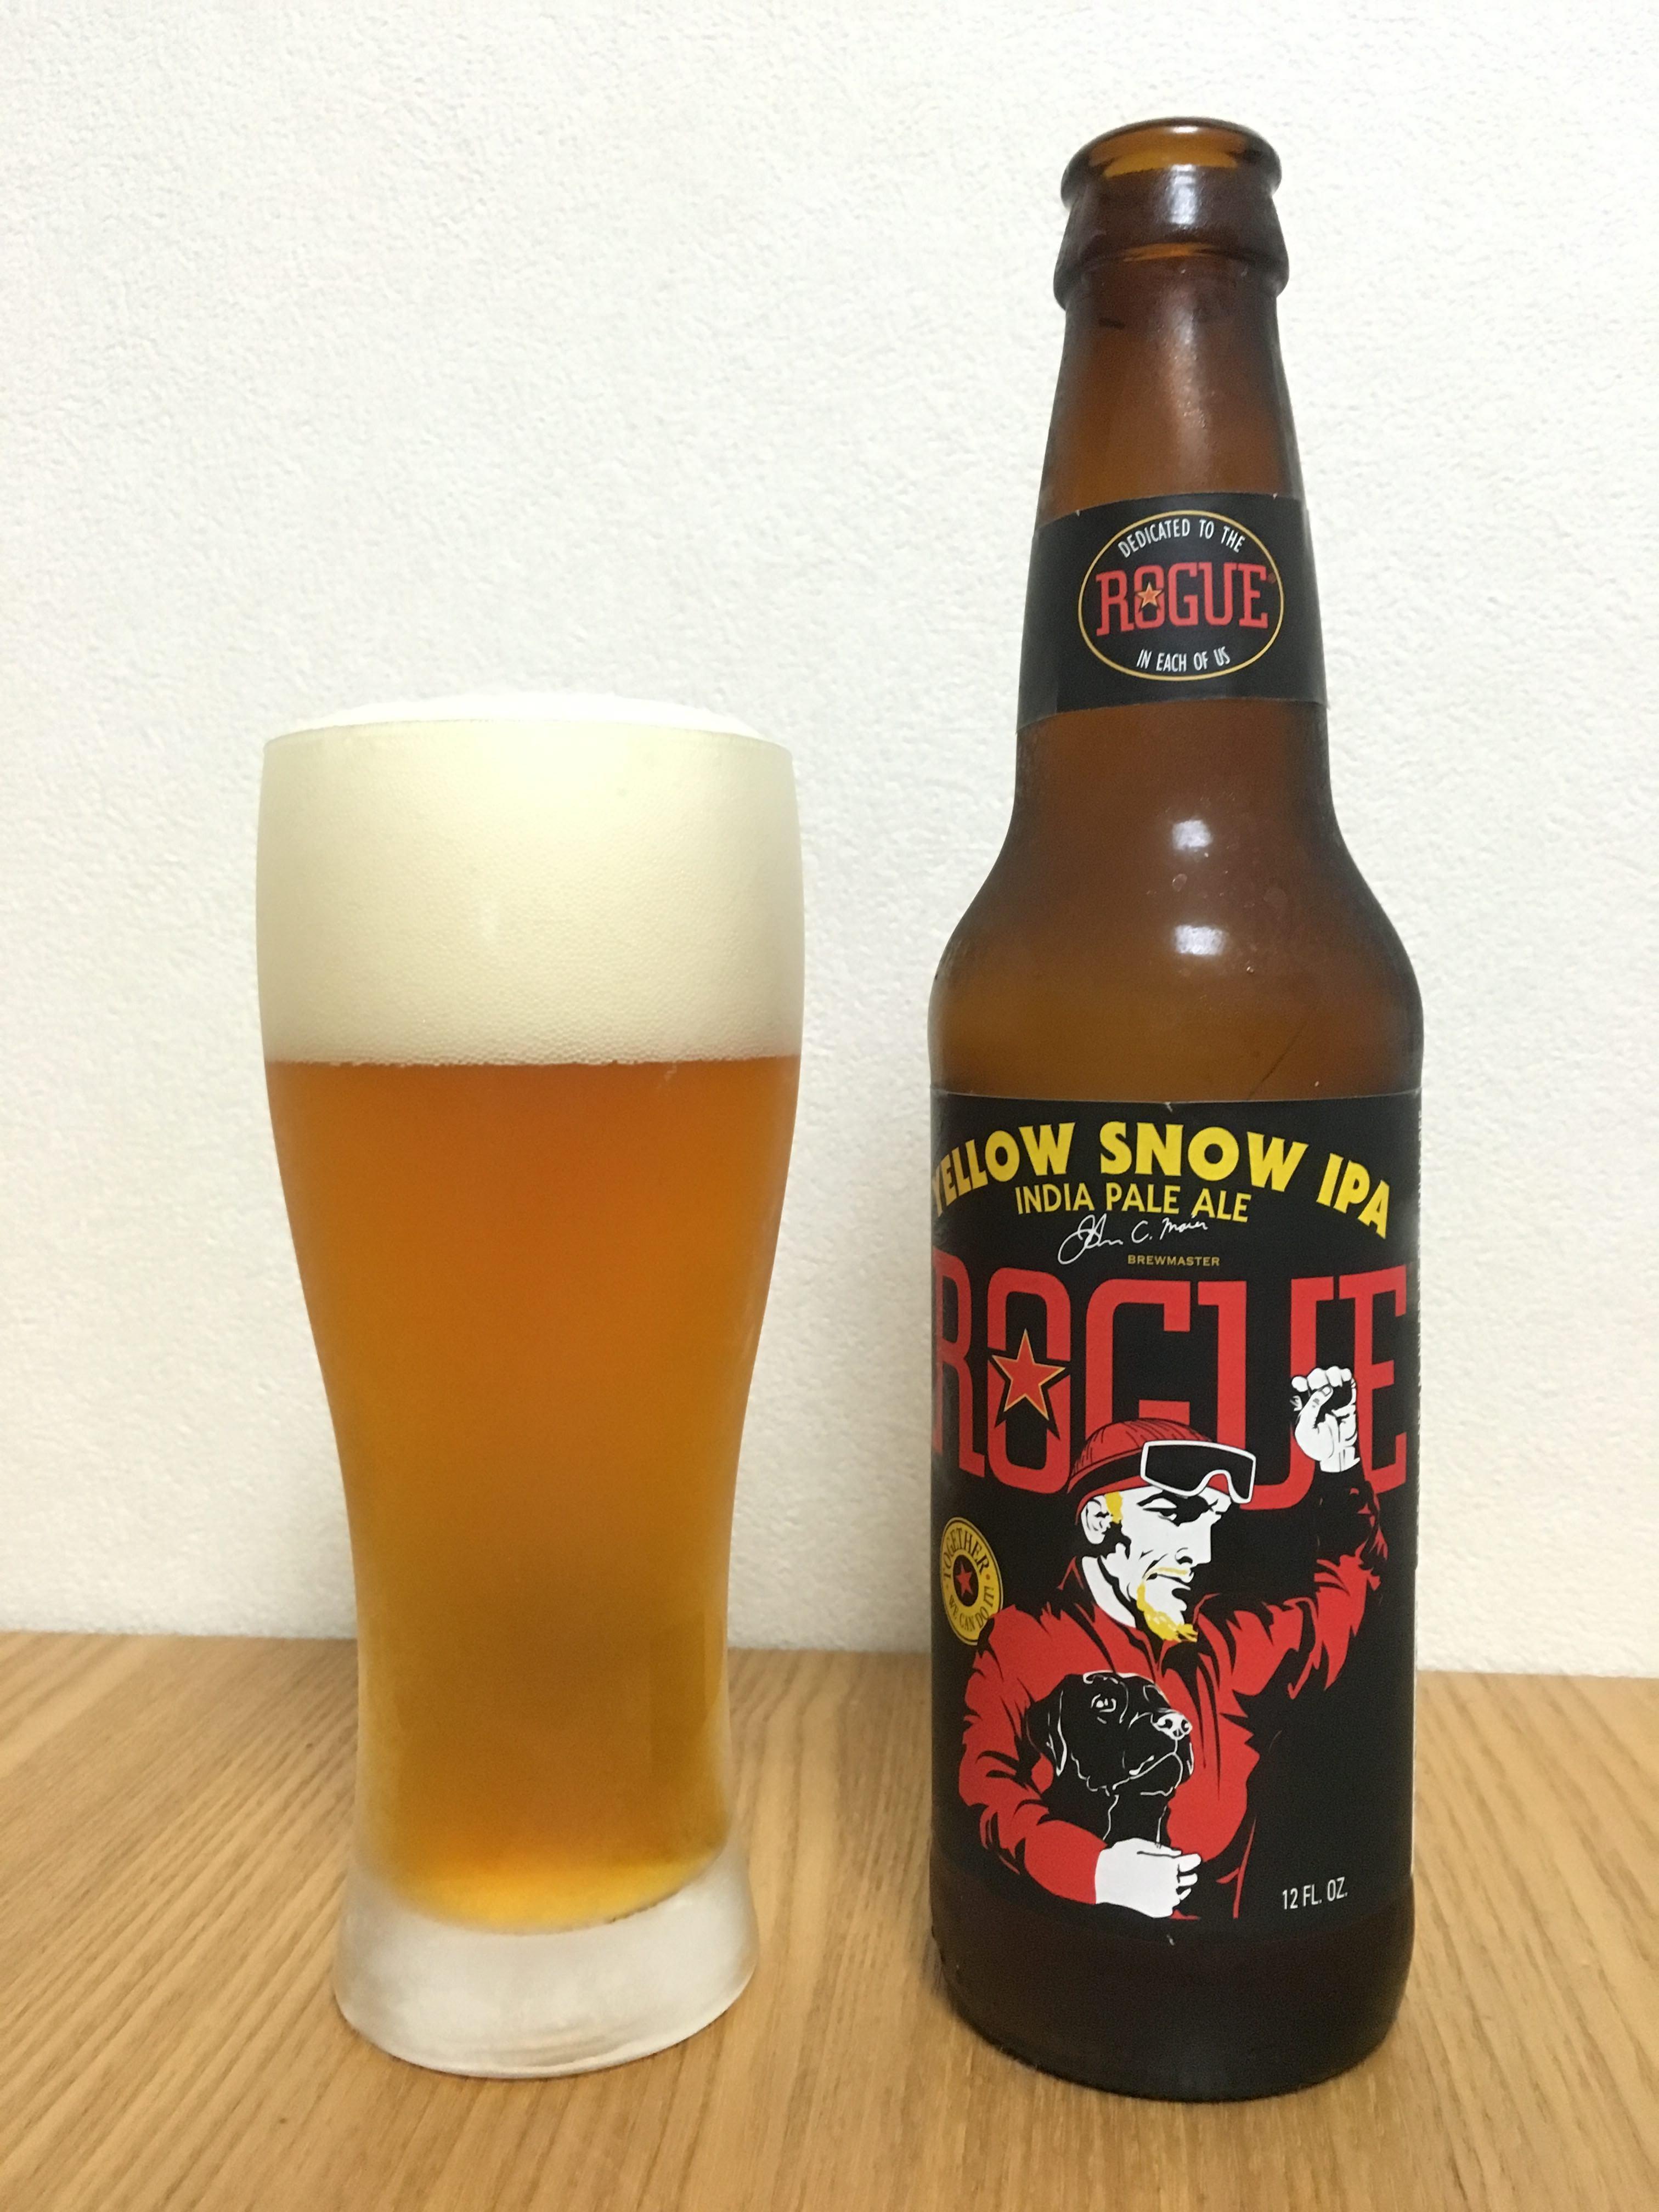 ROGUE YELLOW SNOW IPA(ローグ イエロースノーIPA)